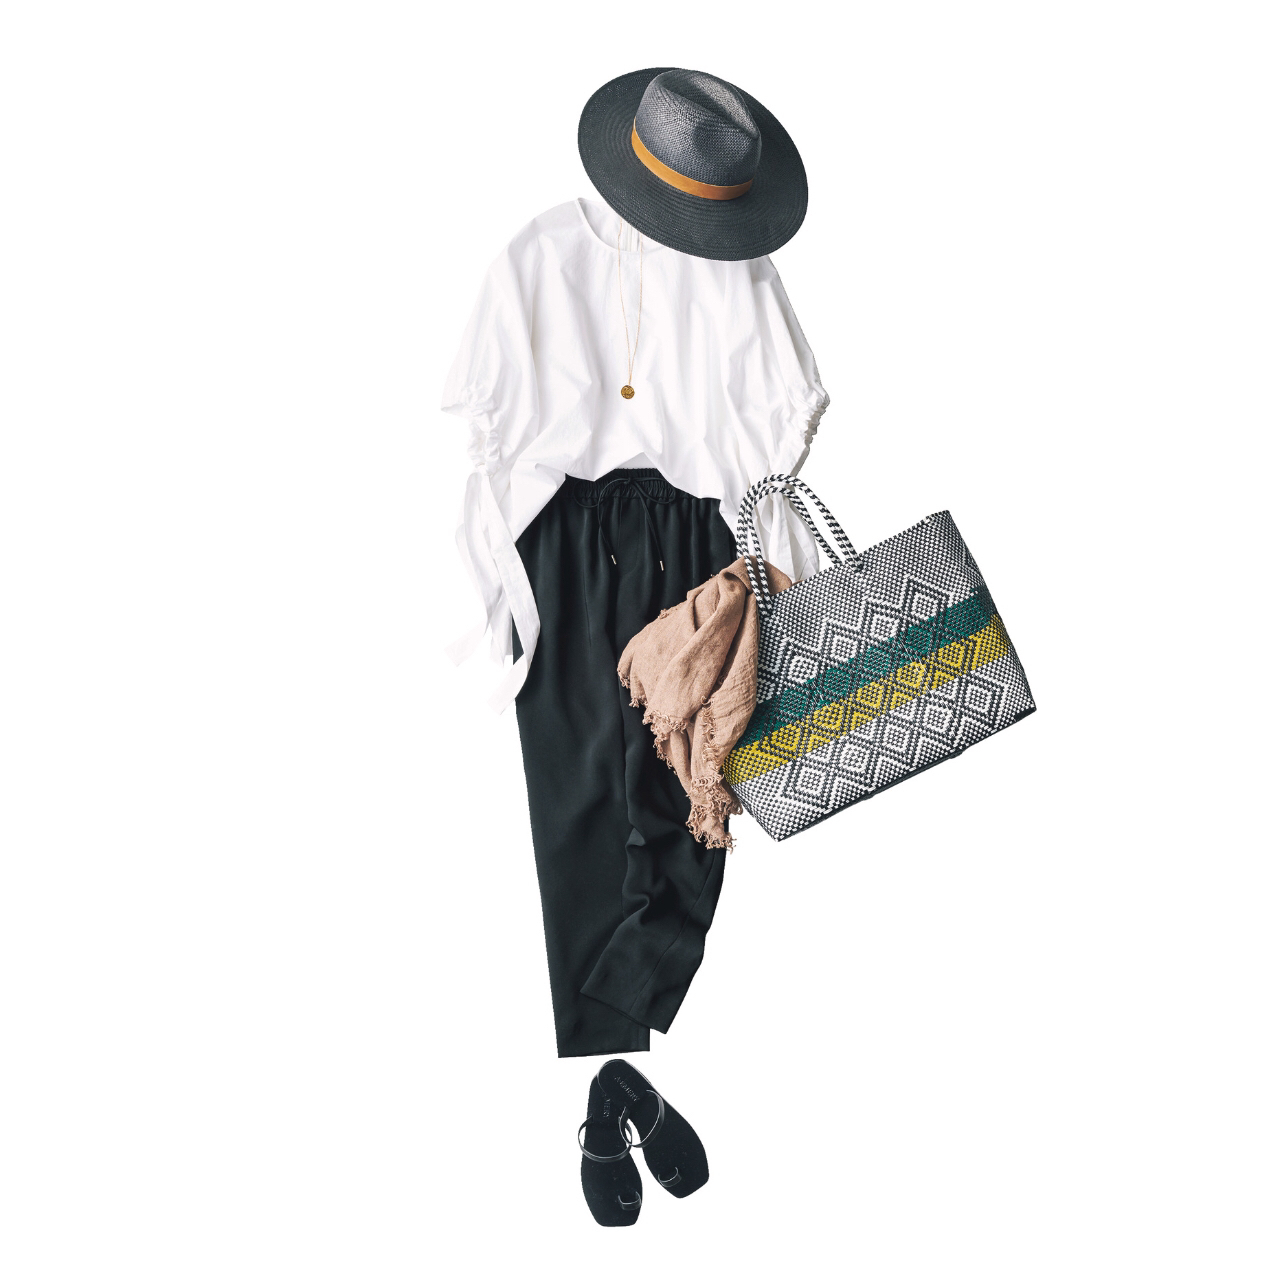 定番の黒パンツを極める!今っぽく、おしゃれで、美脚見えする黒パンツコーデまとめ|40代ファッション_1_5